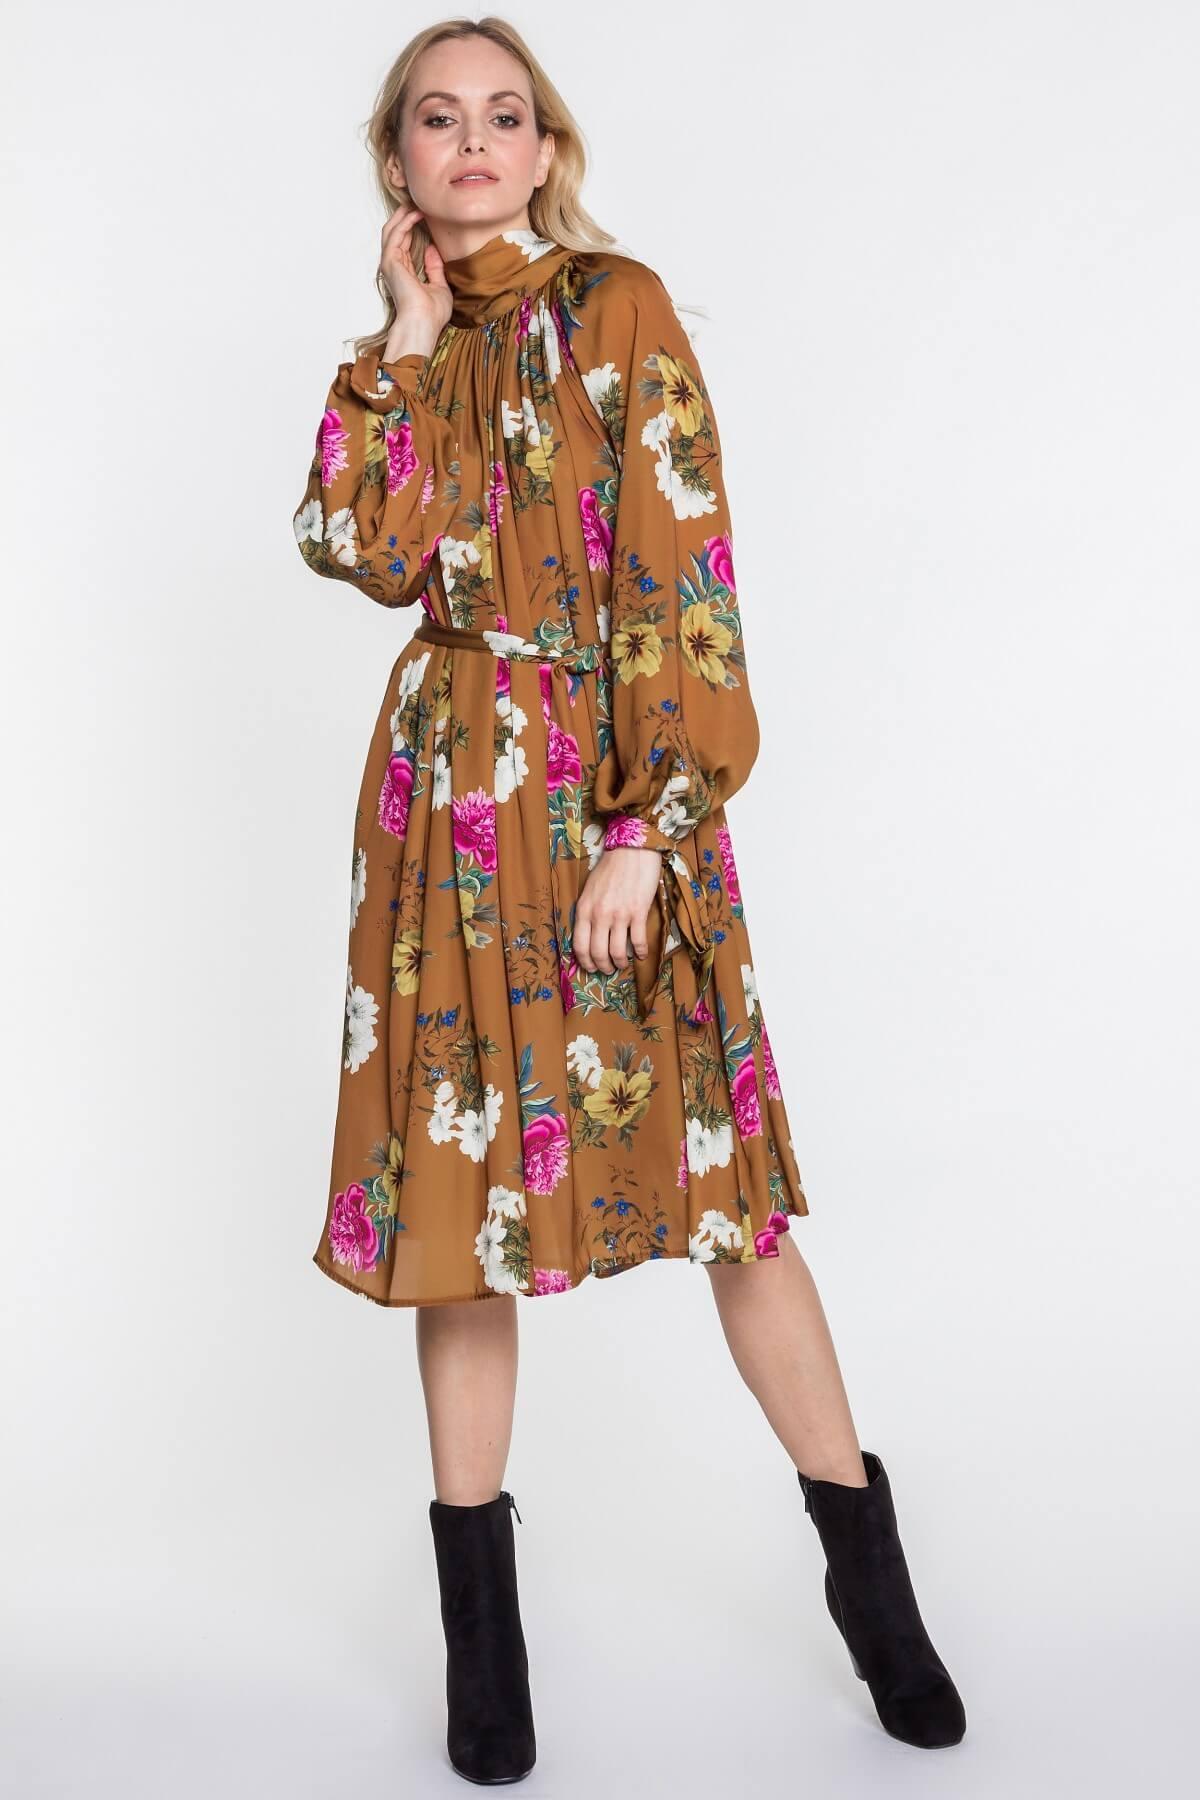 62ace43fa48f30 Sukienka w kwiaty – dla miłośniczki stylu boho - Blog o modzie ...